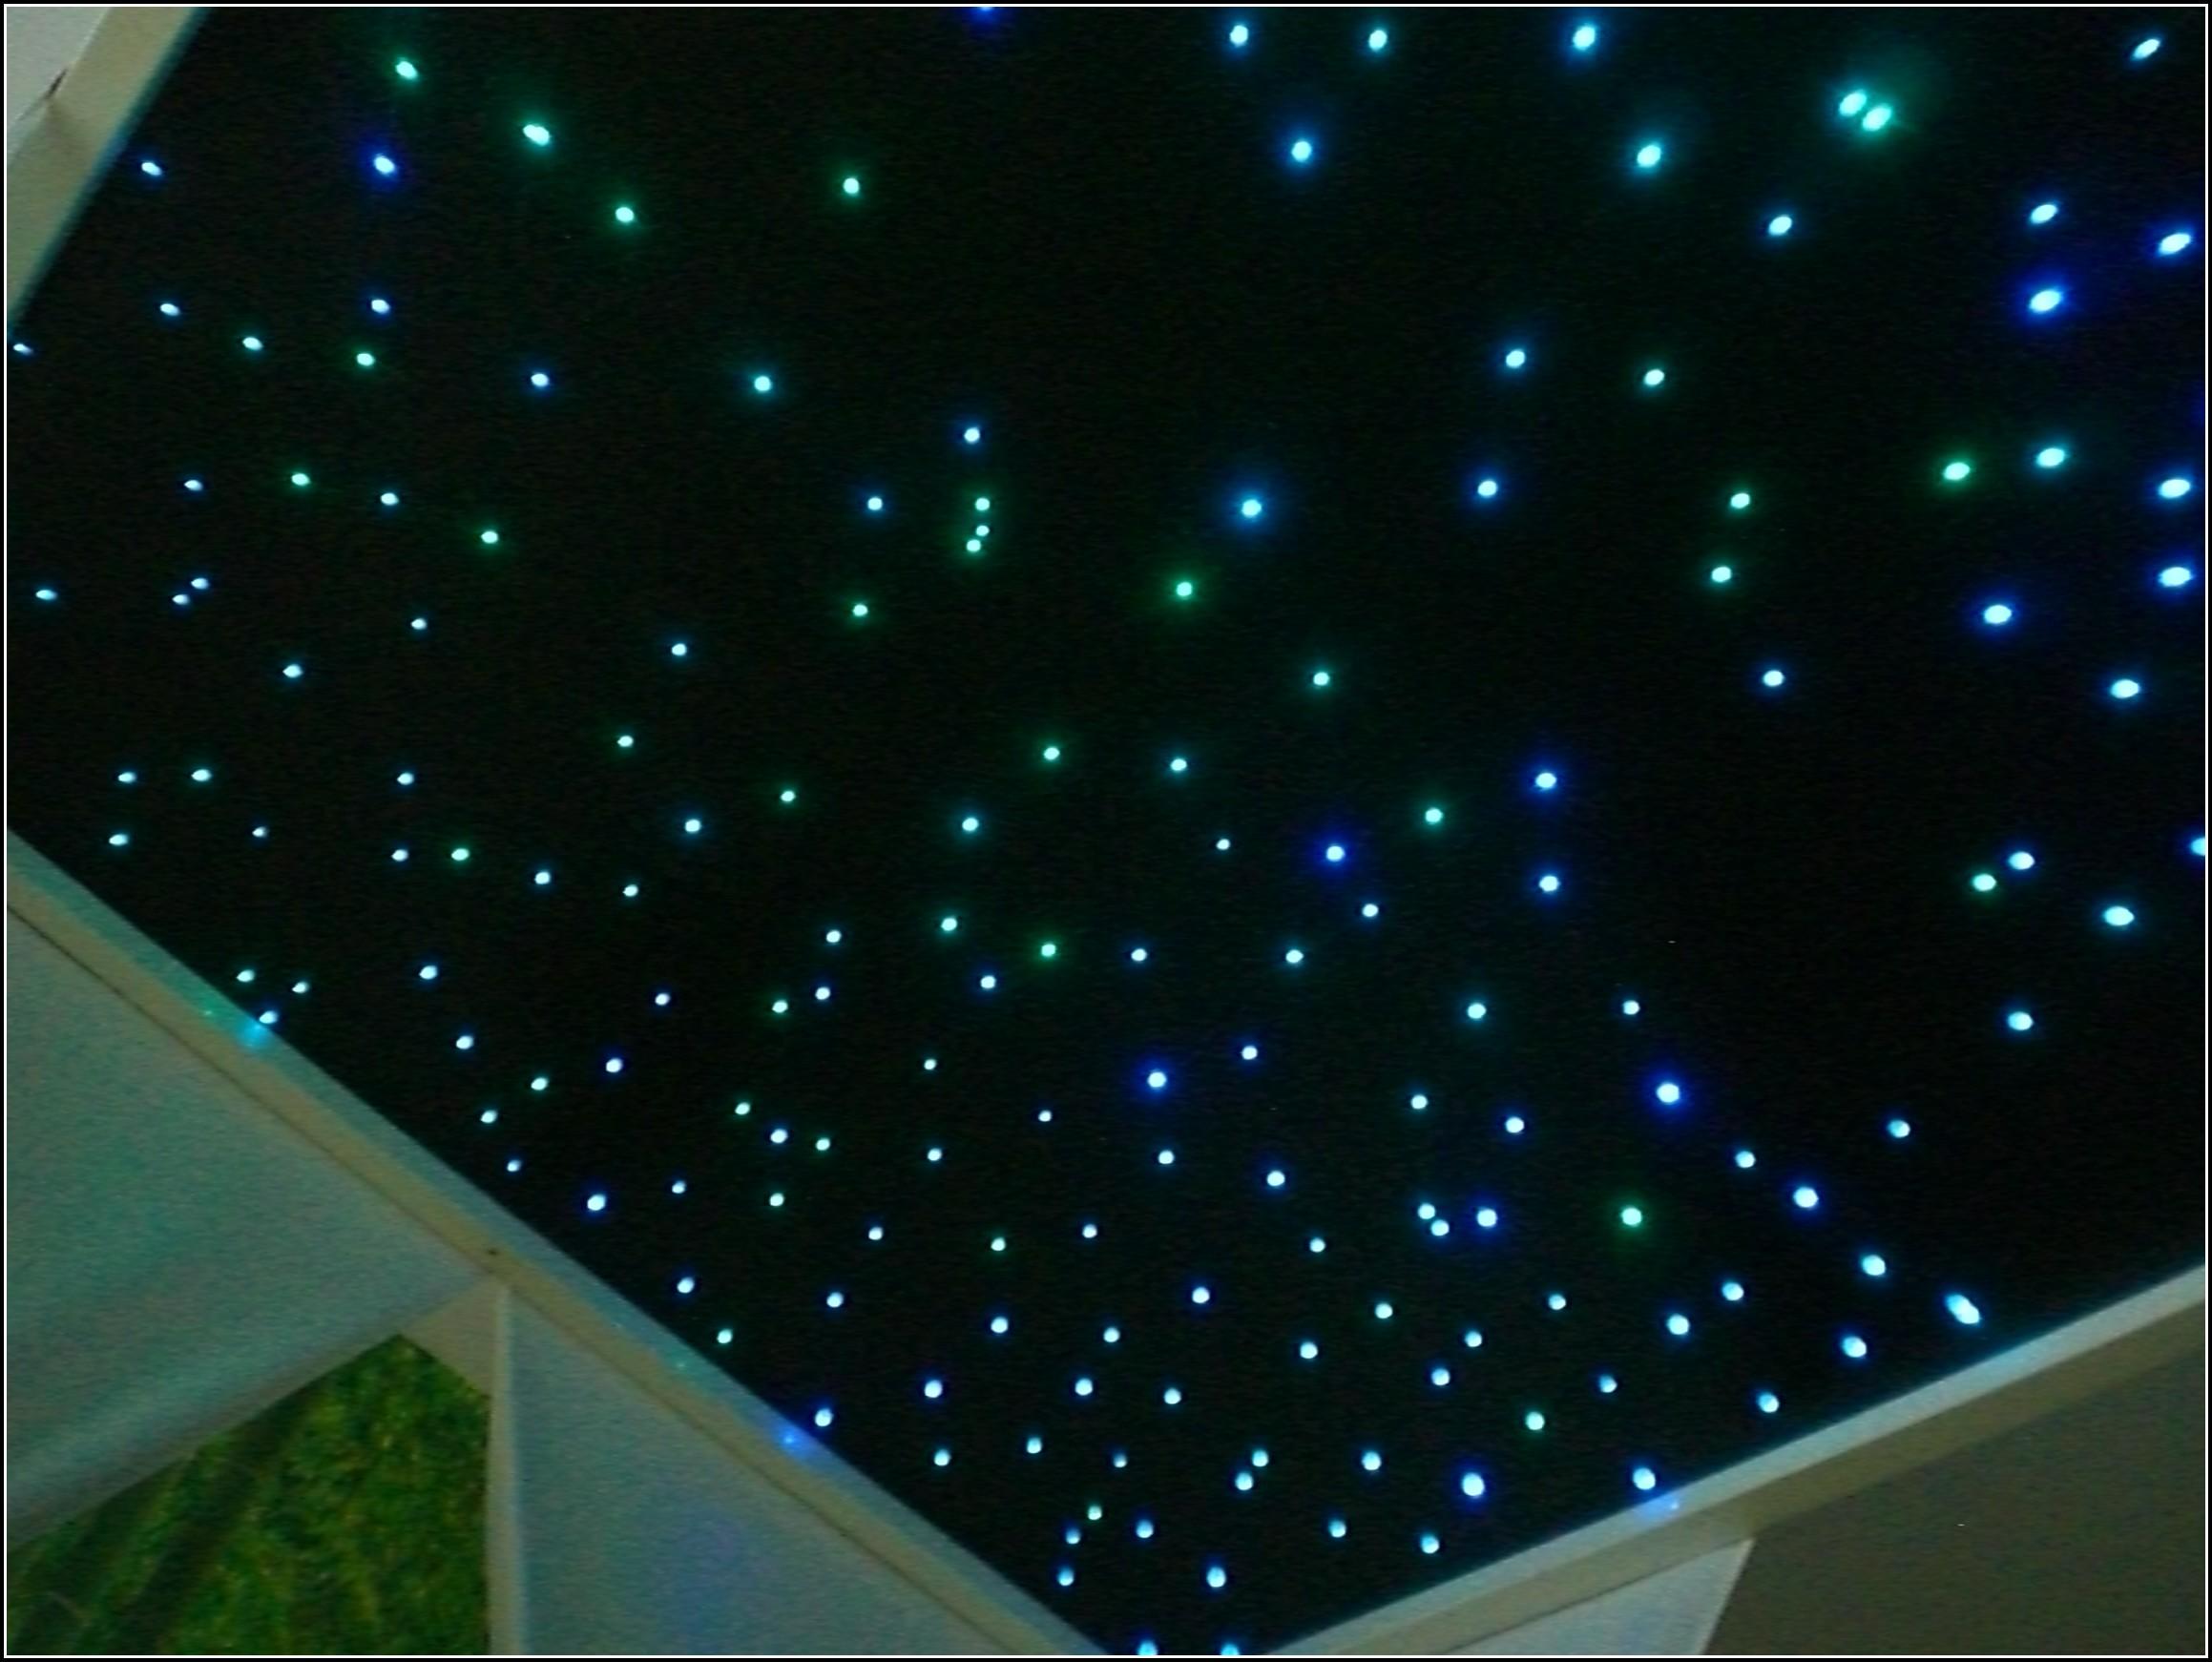 Sternenhimmel schlafzimmer bauen schlafzimmer house for Sternenhimmel schlafzimmer